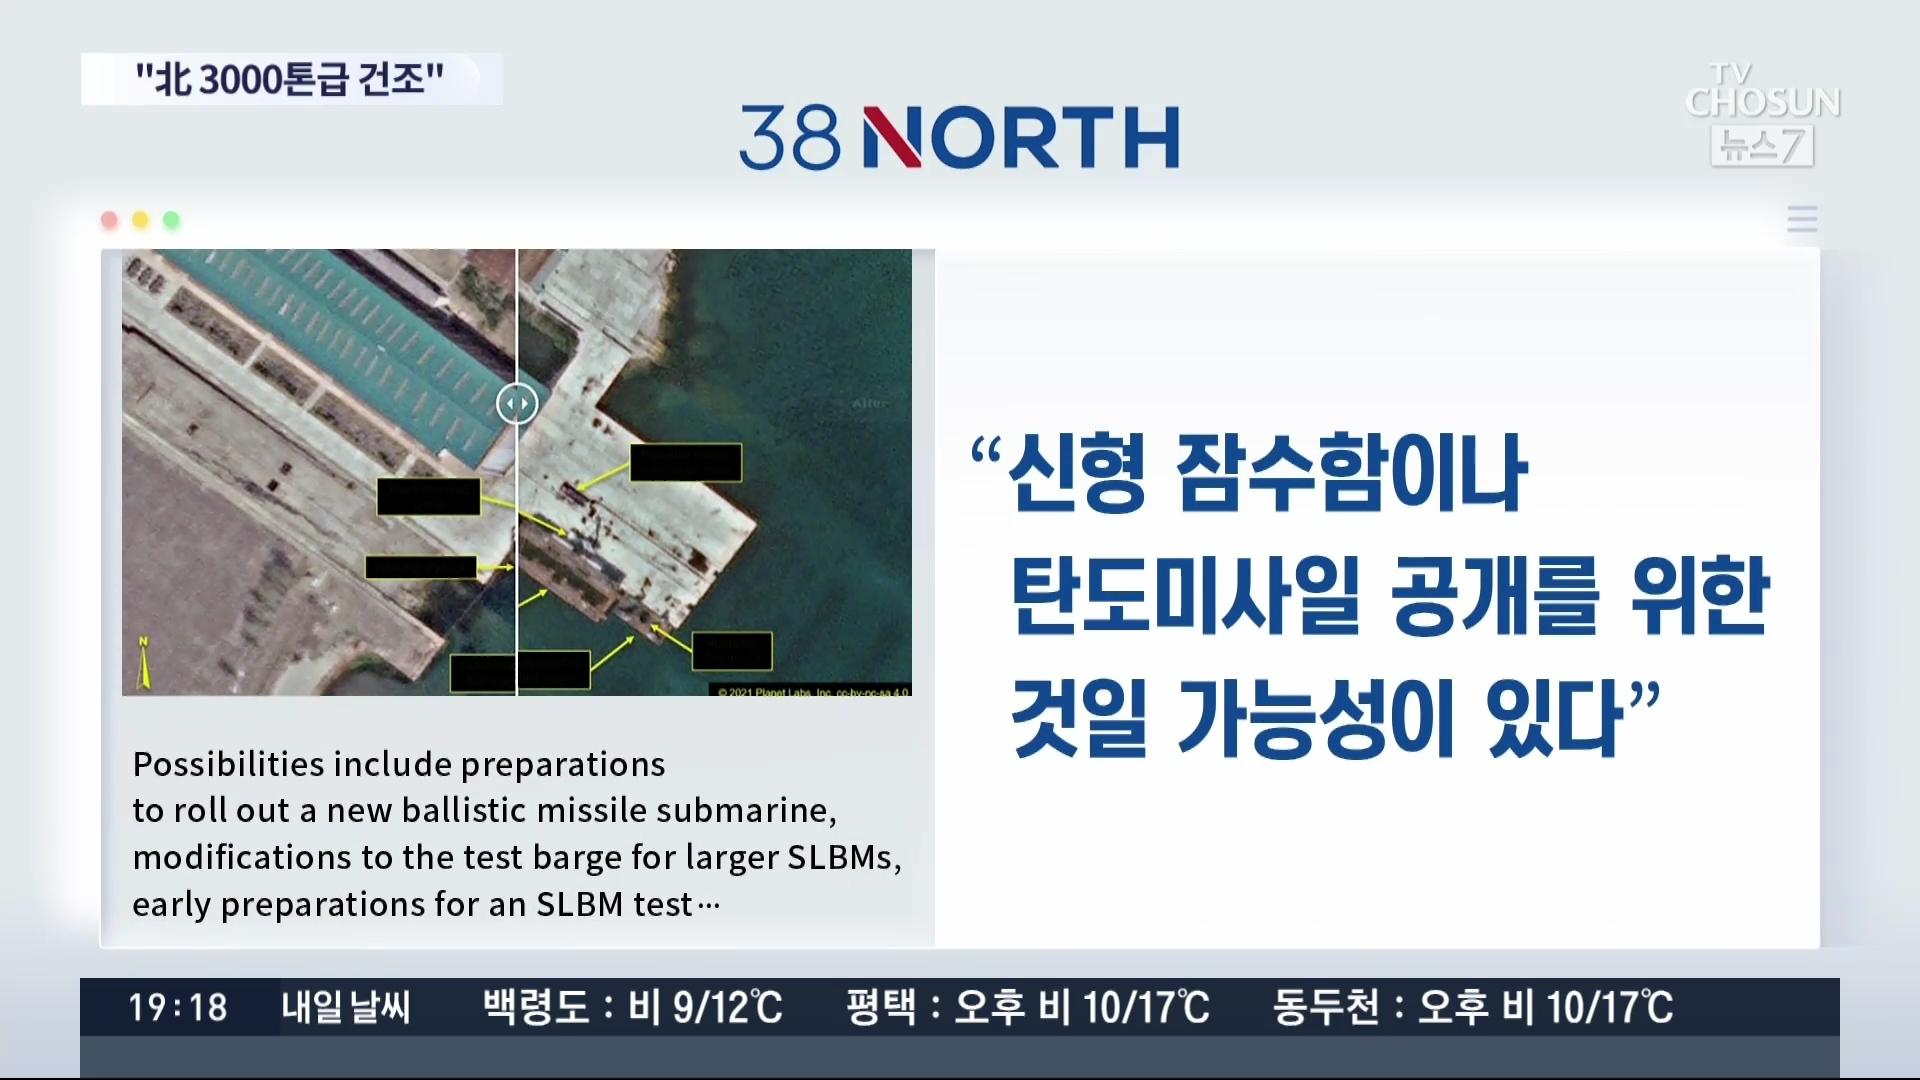 한미 정보당국 '北, 3000t급 잠수함 건조 끝내'…SLBM 발사 '눈앞'